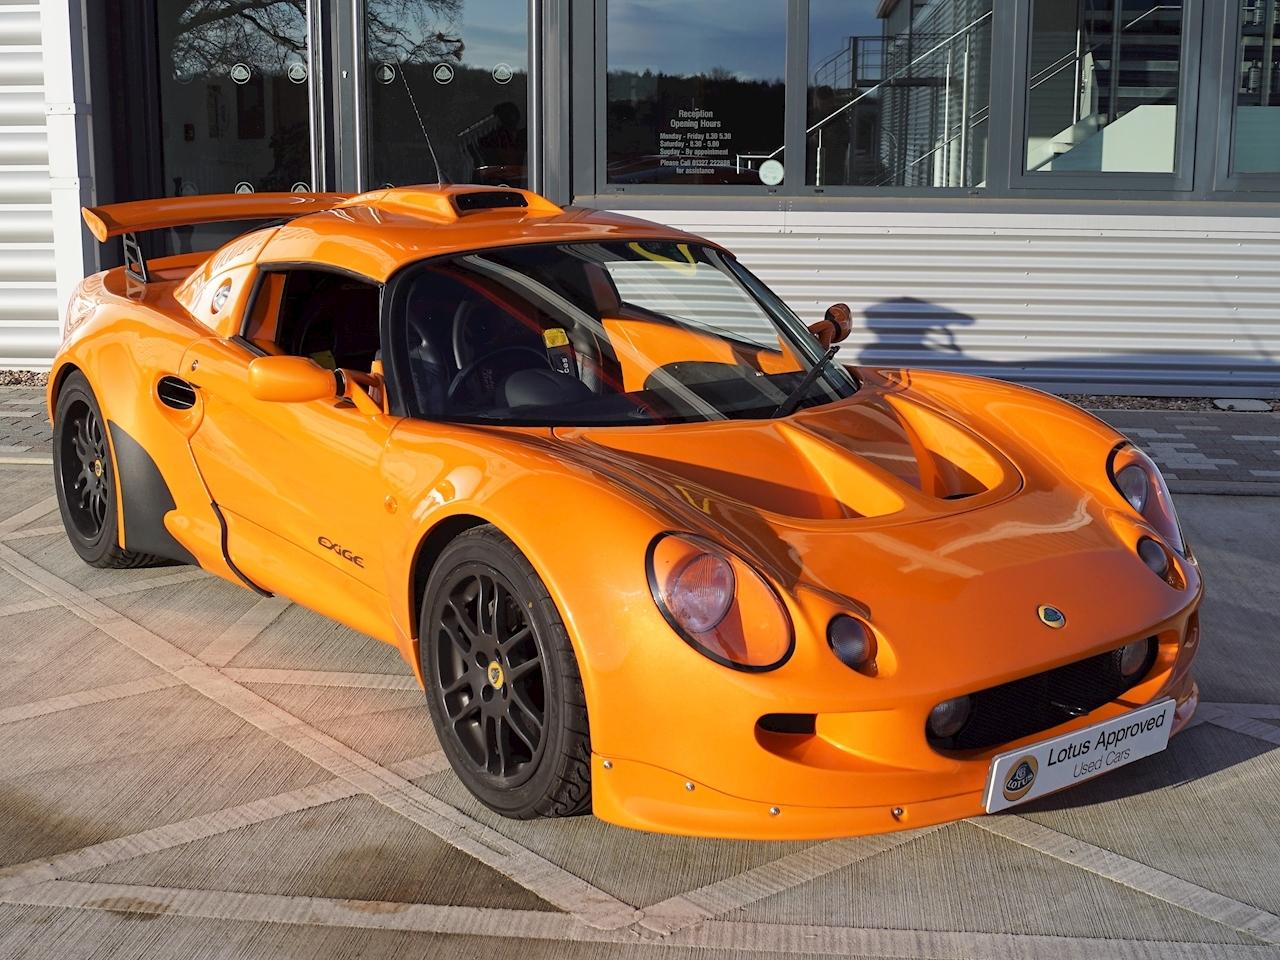 Lotus Exige S1 Front Three-Quarter